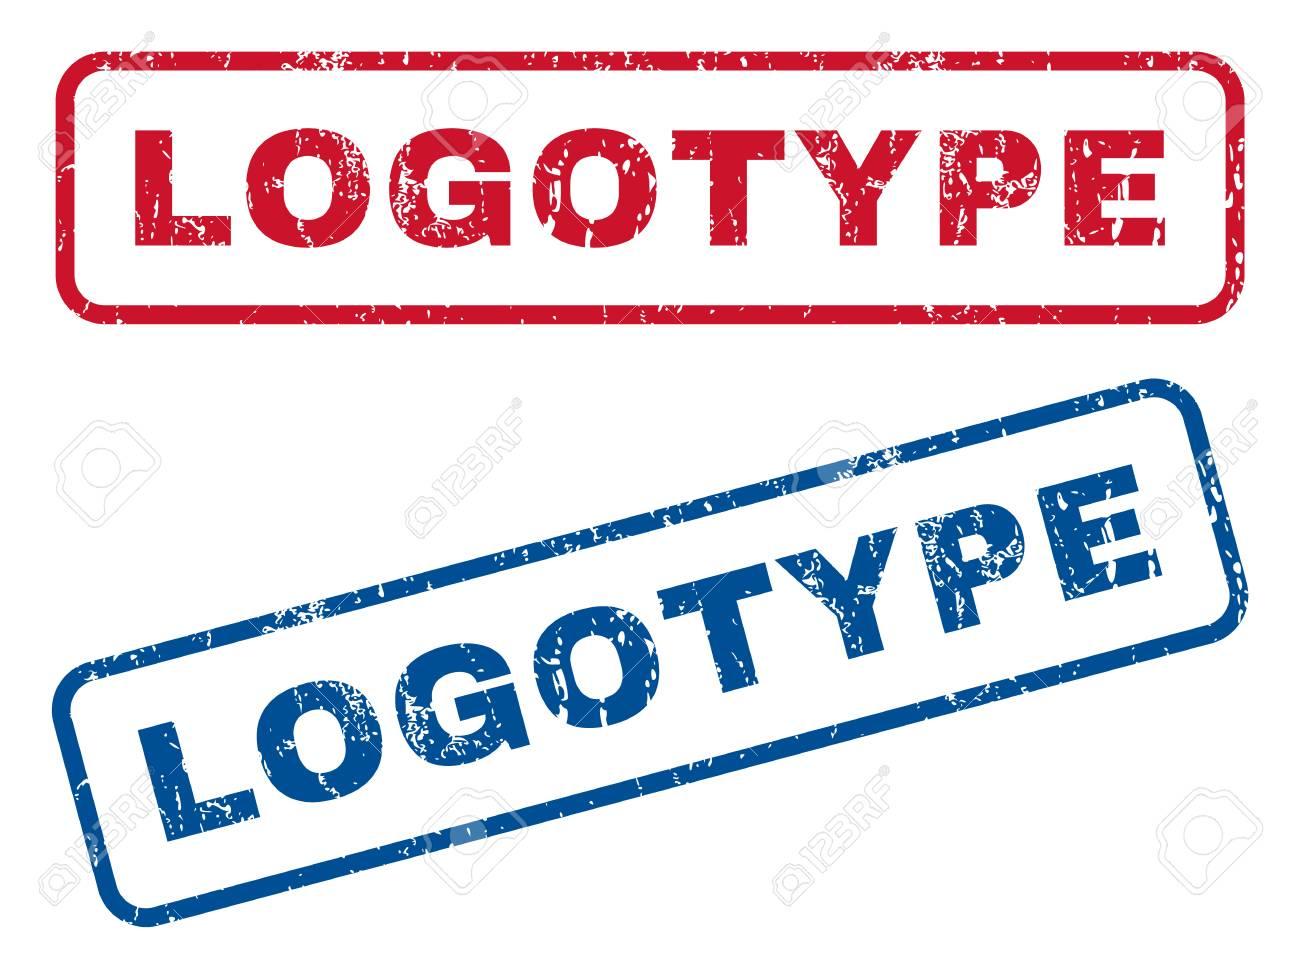 b897589ad2b0 Logotipo Testo Filigrane Di Sigillo Di Gomma. Lo Stile Di Vettore è  L etichetta Di Inchiostro Blu E Rosso All interno Del Banner Rettangolare  Arrotondato.